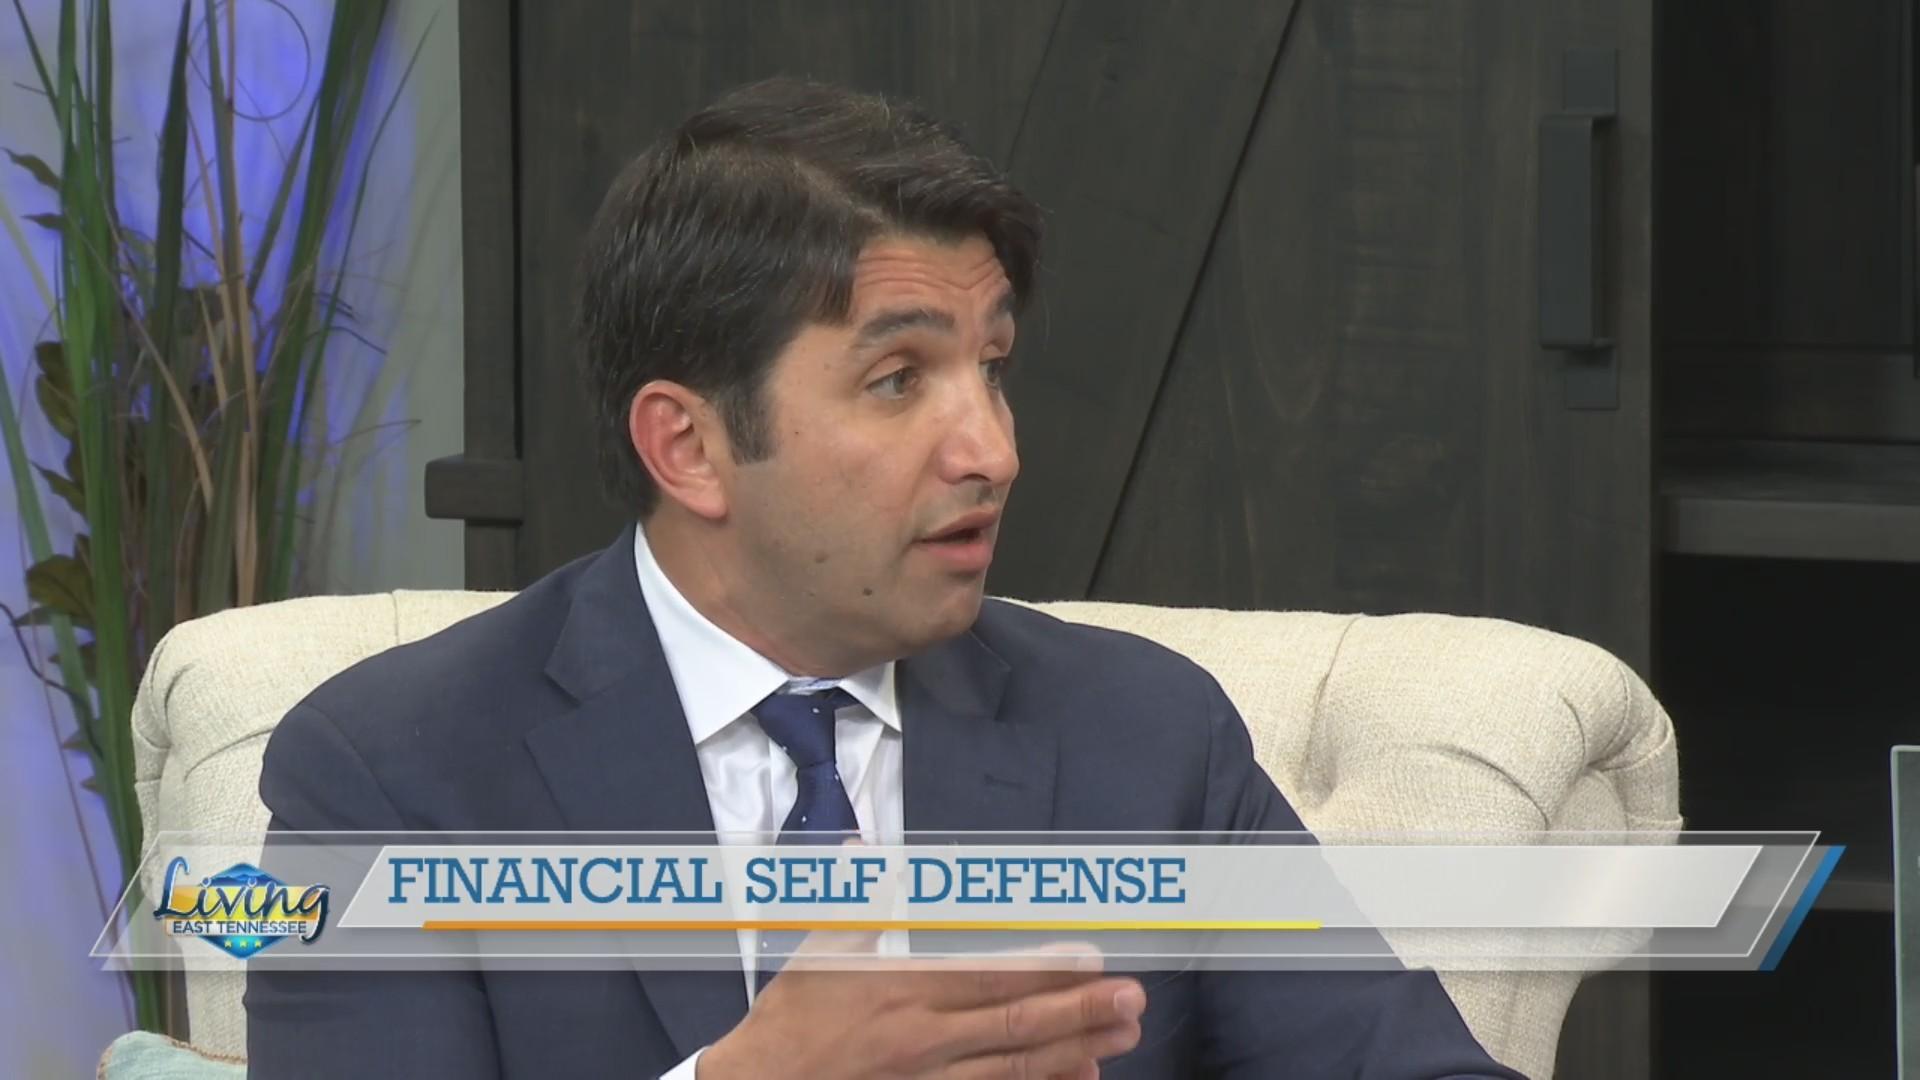 Financial self defense